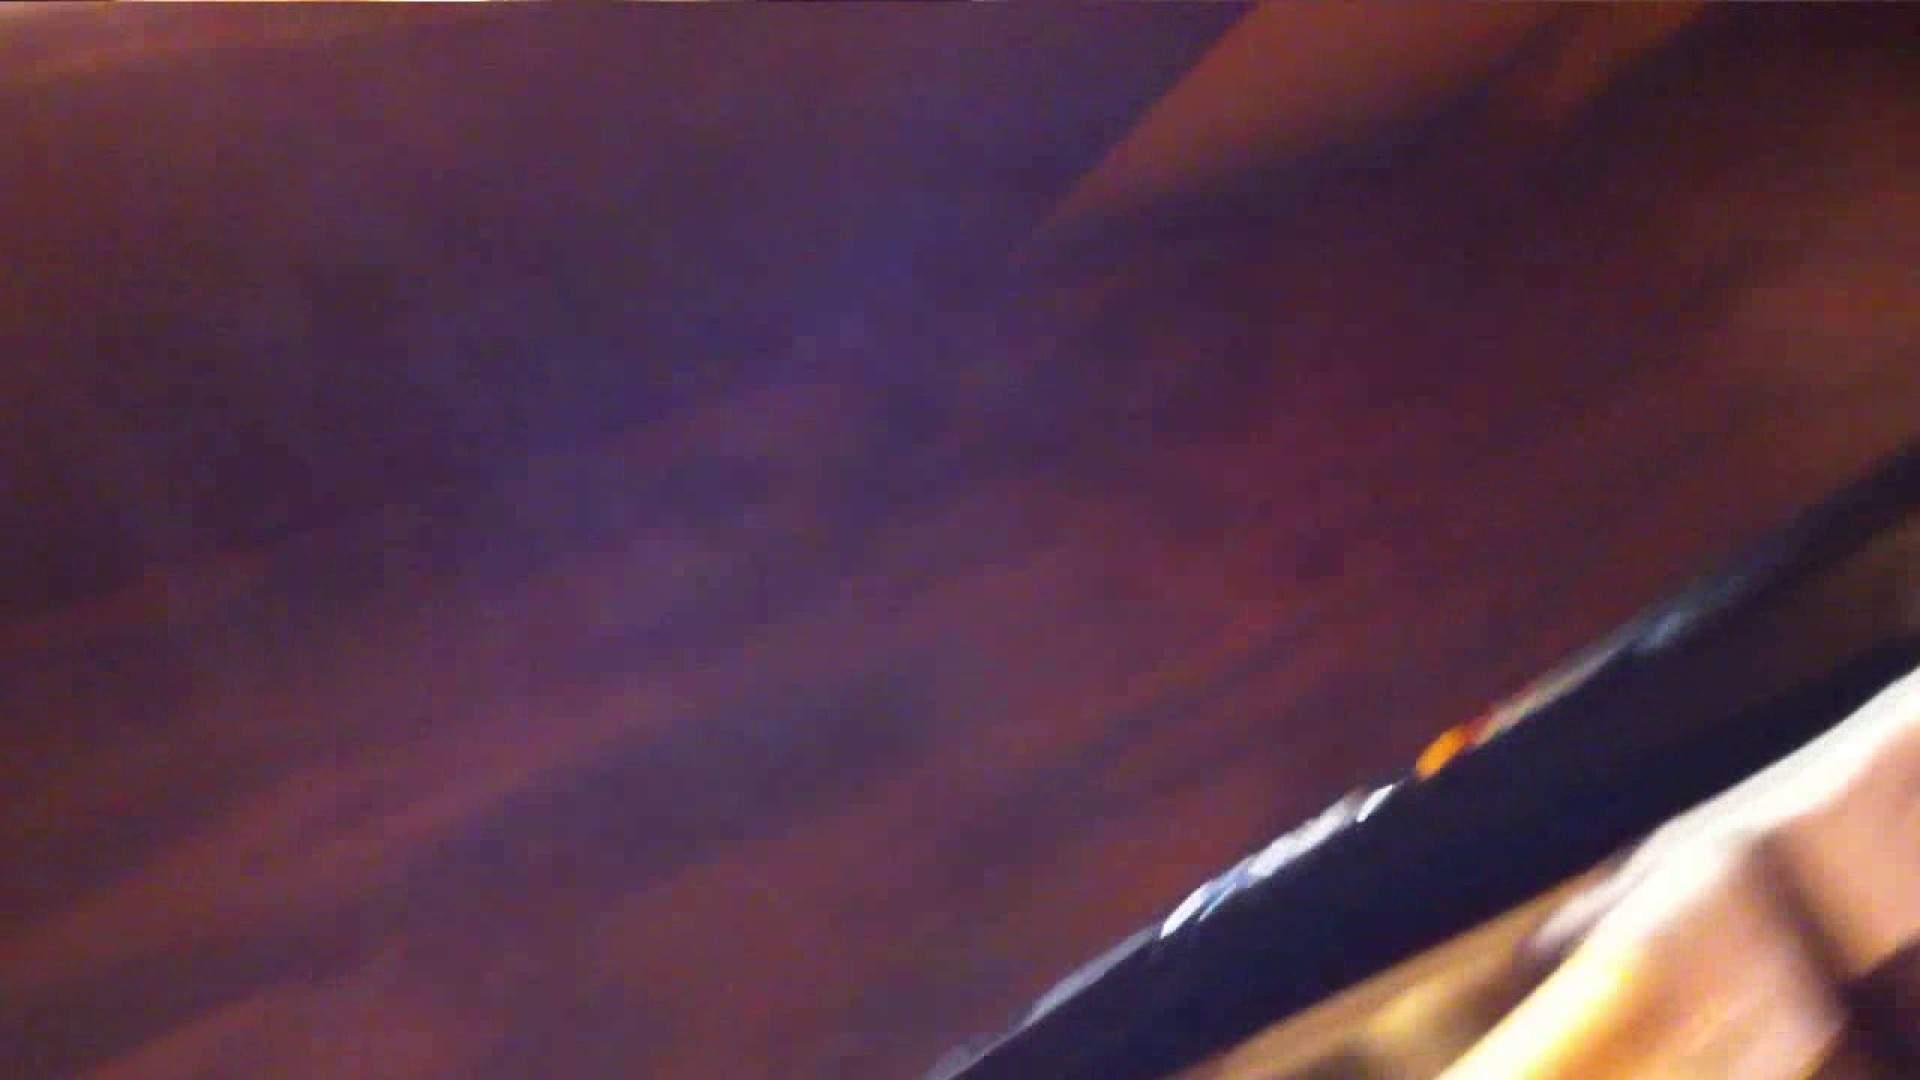 vol.33 美人アパレル胸チラ&パンチラ ギャル系ネーチャンの下着 OL  69pic 49